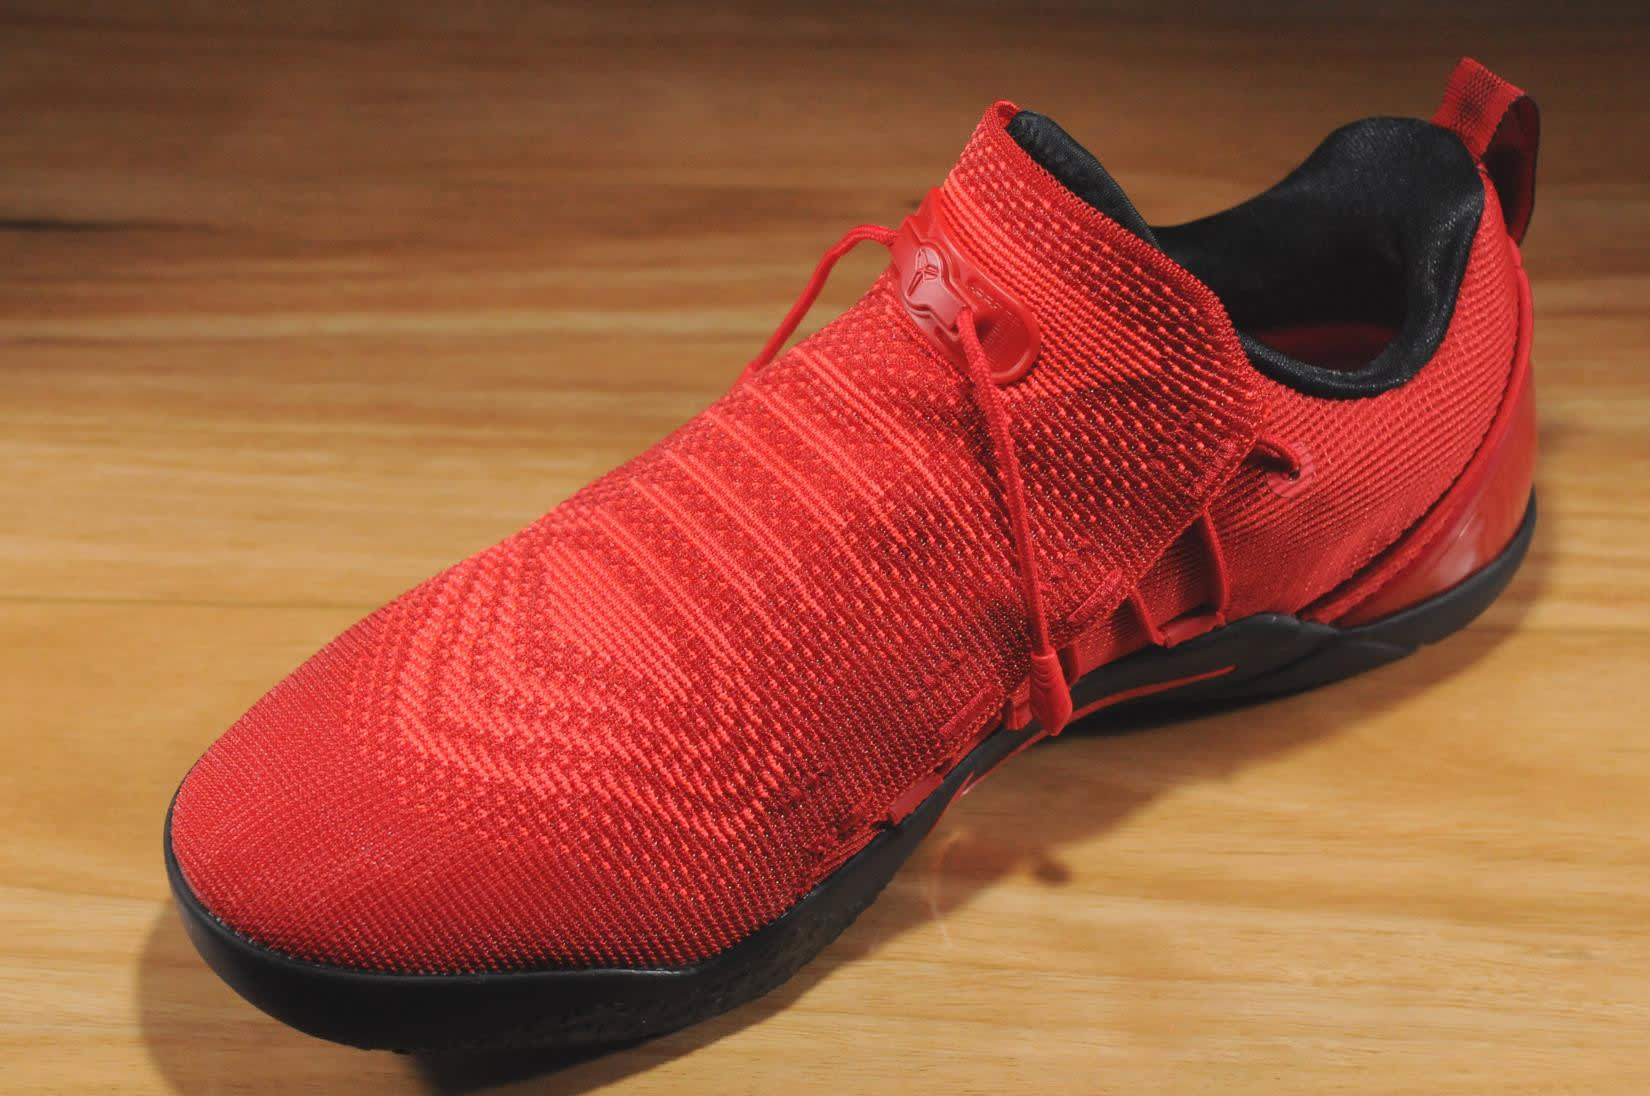 Nike Kobe A.D. NXT University Red Release Date Medial 882049-600